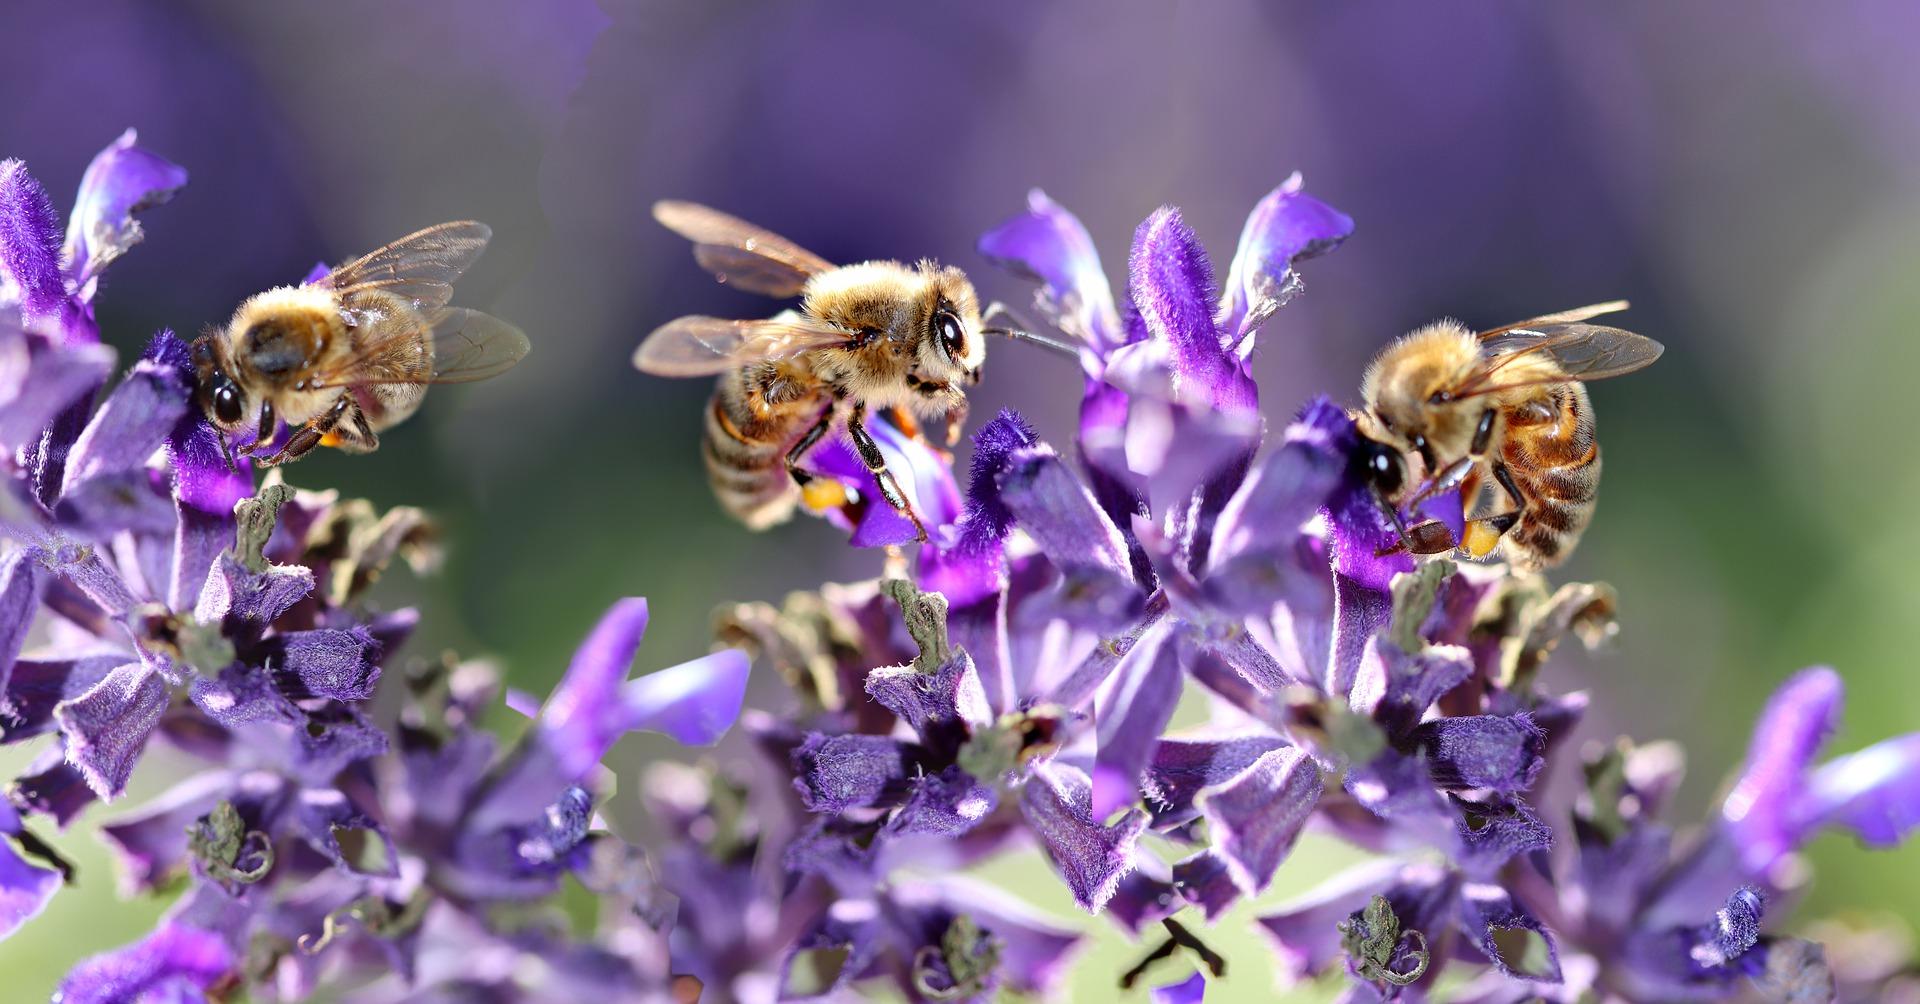 na zdjęciu pszczoły zbierające nektar z kwiatów